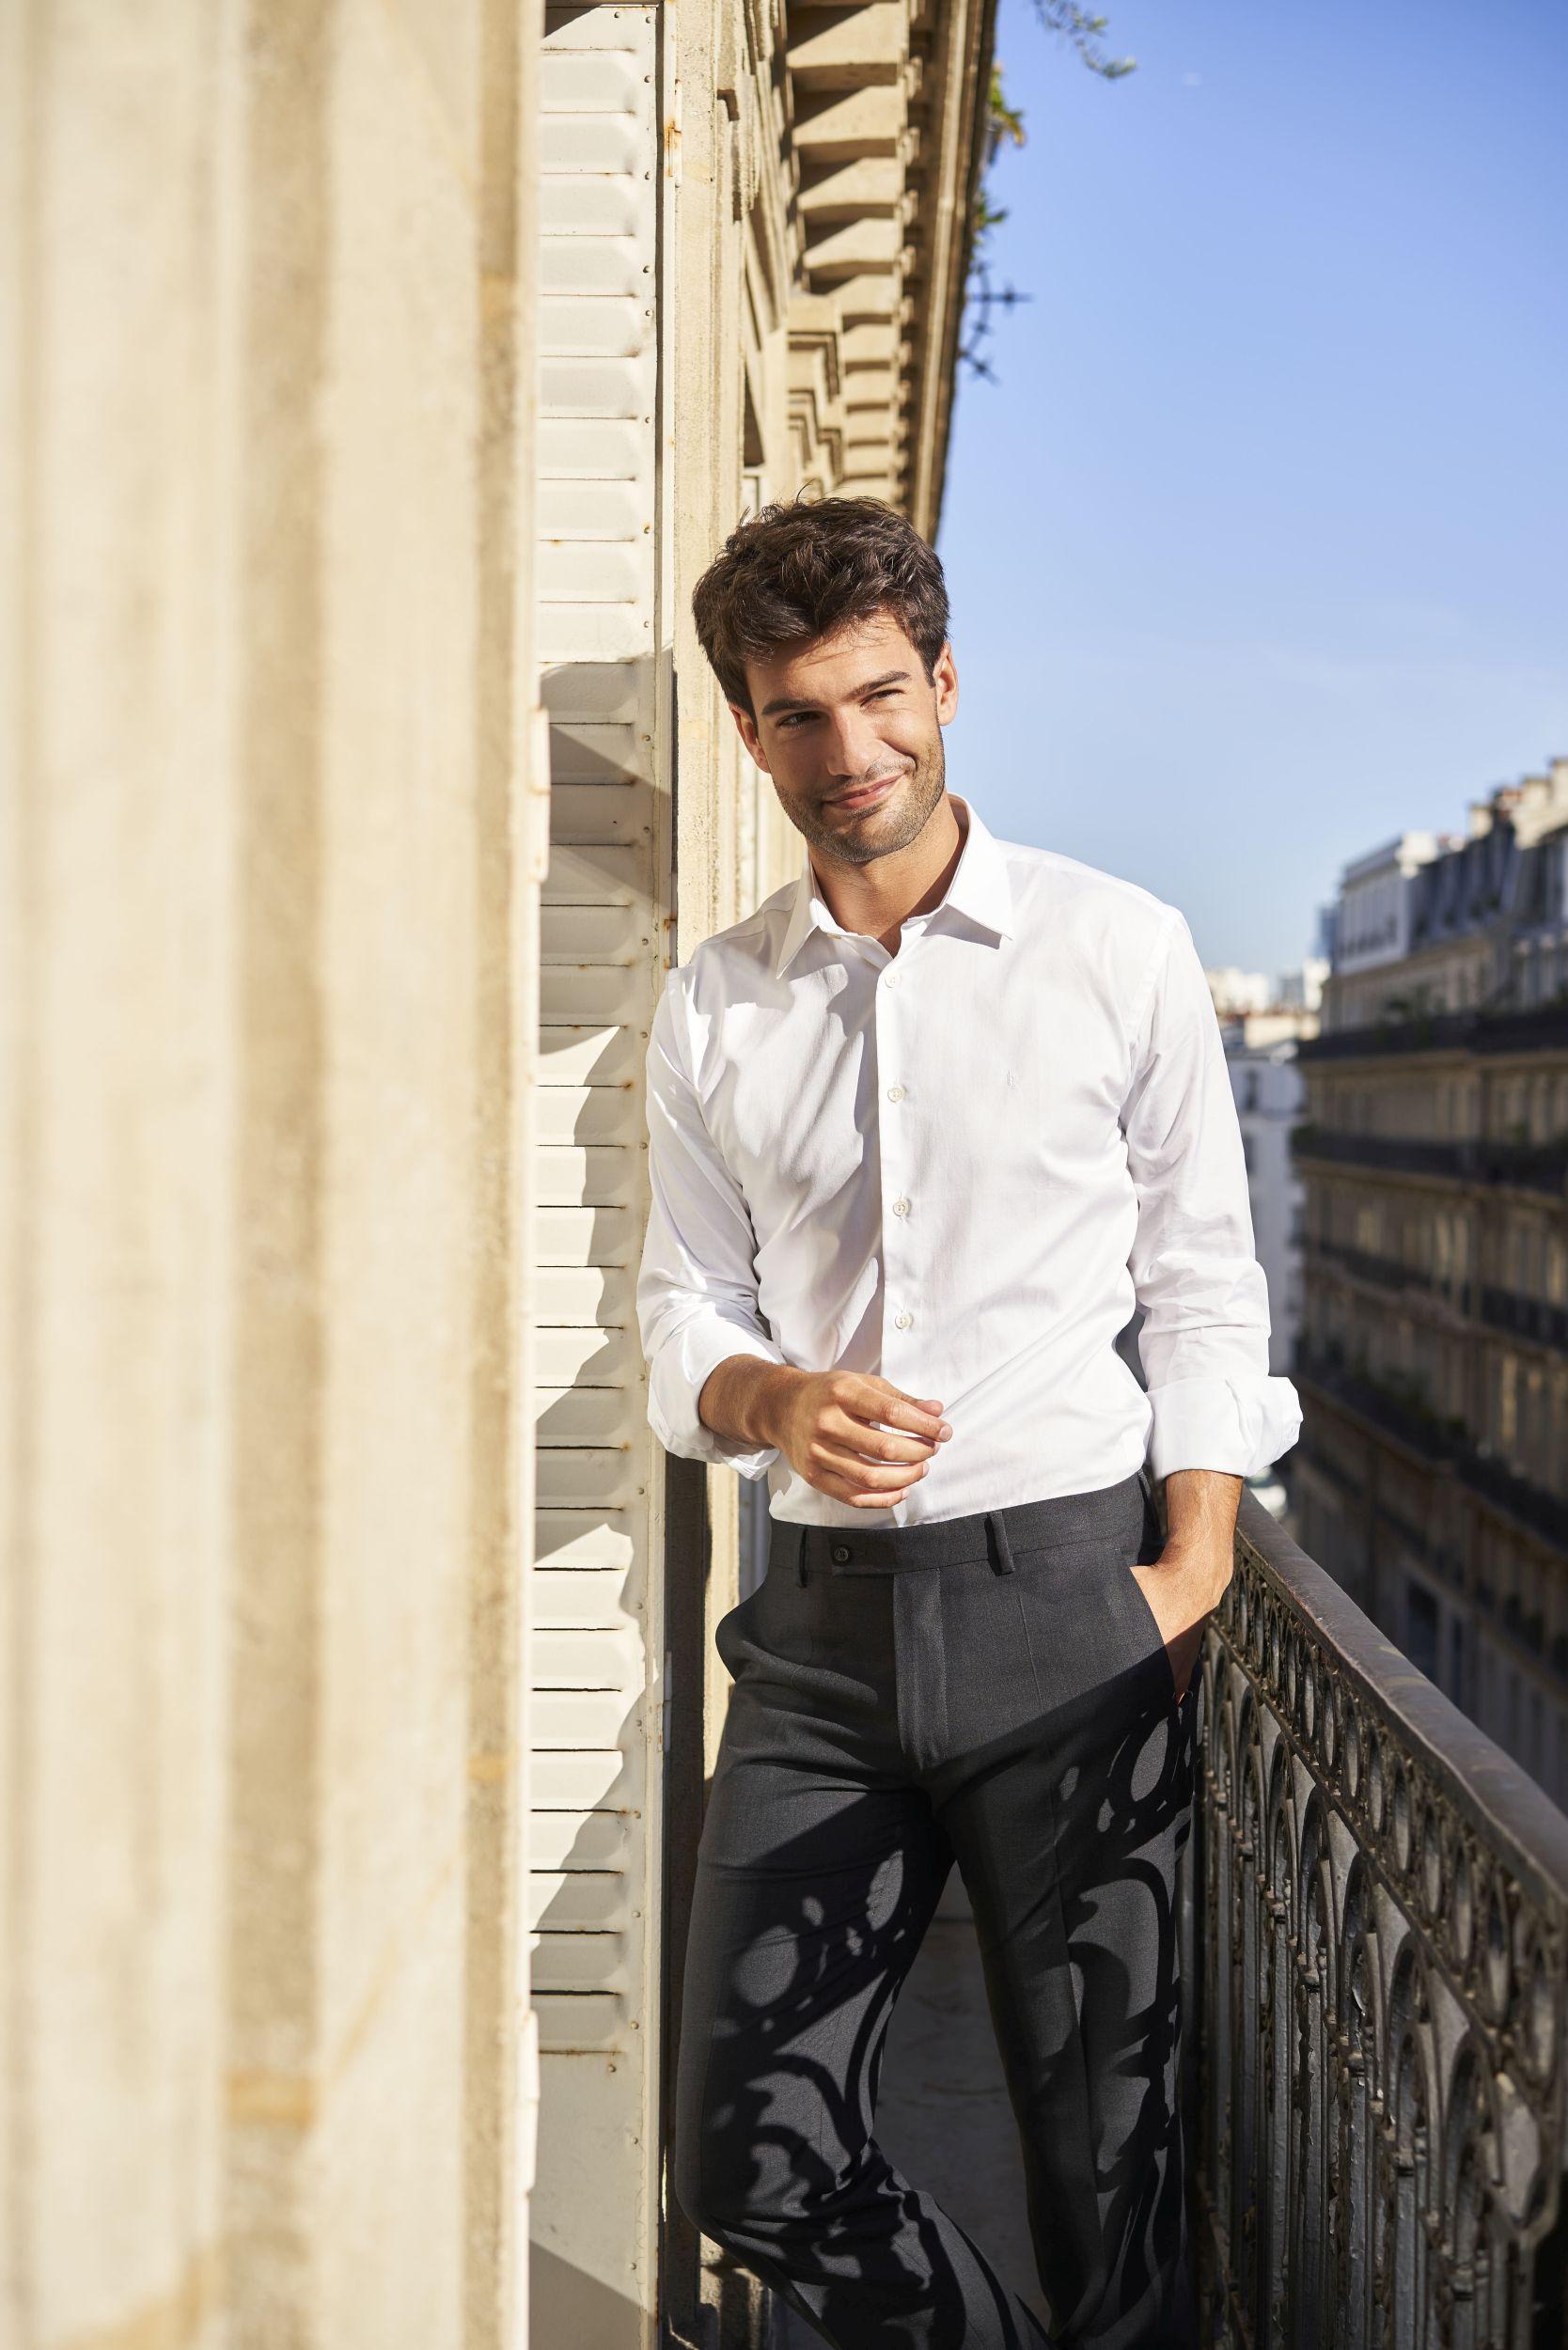 Lautrec_Look formel_Chemise blanche coton bio GOTS Albini confectionnée au Portugal et Pantalon Ville laine éthique Gris Anthracite_Porté par Manu Noraced sur un balcon parisien au soleil du matin